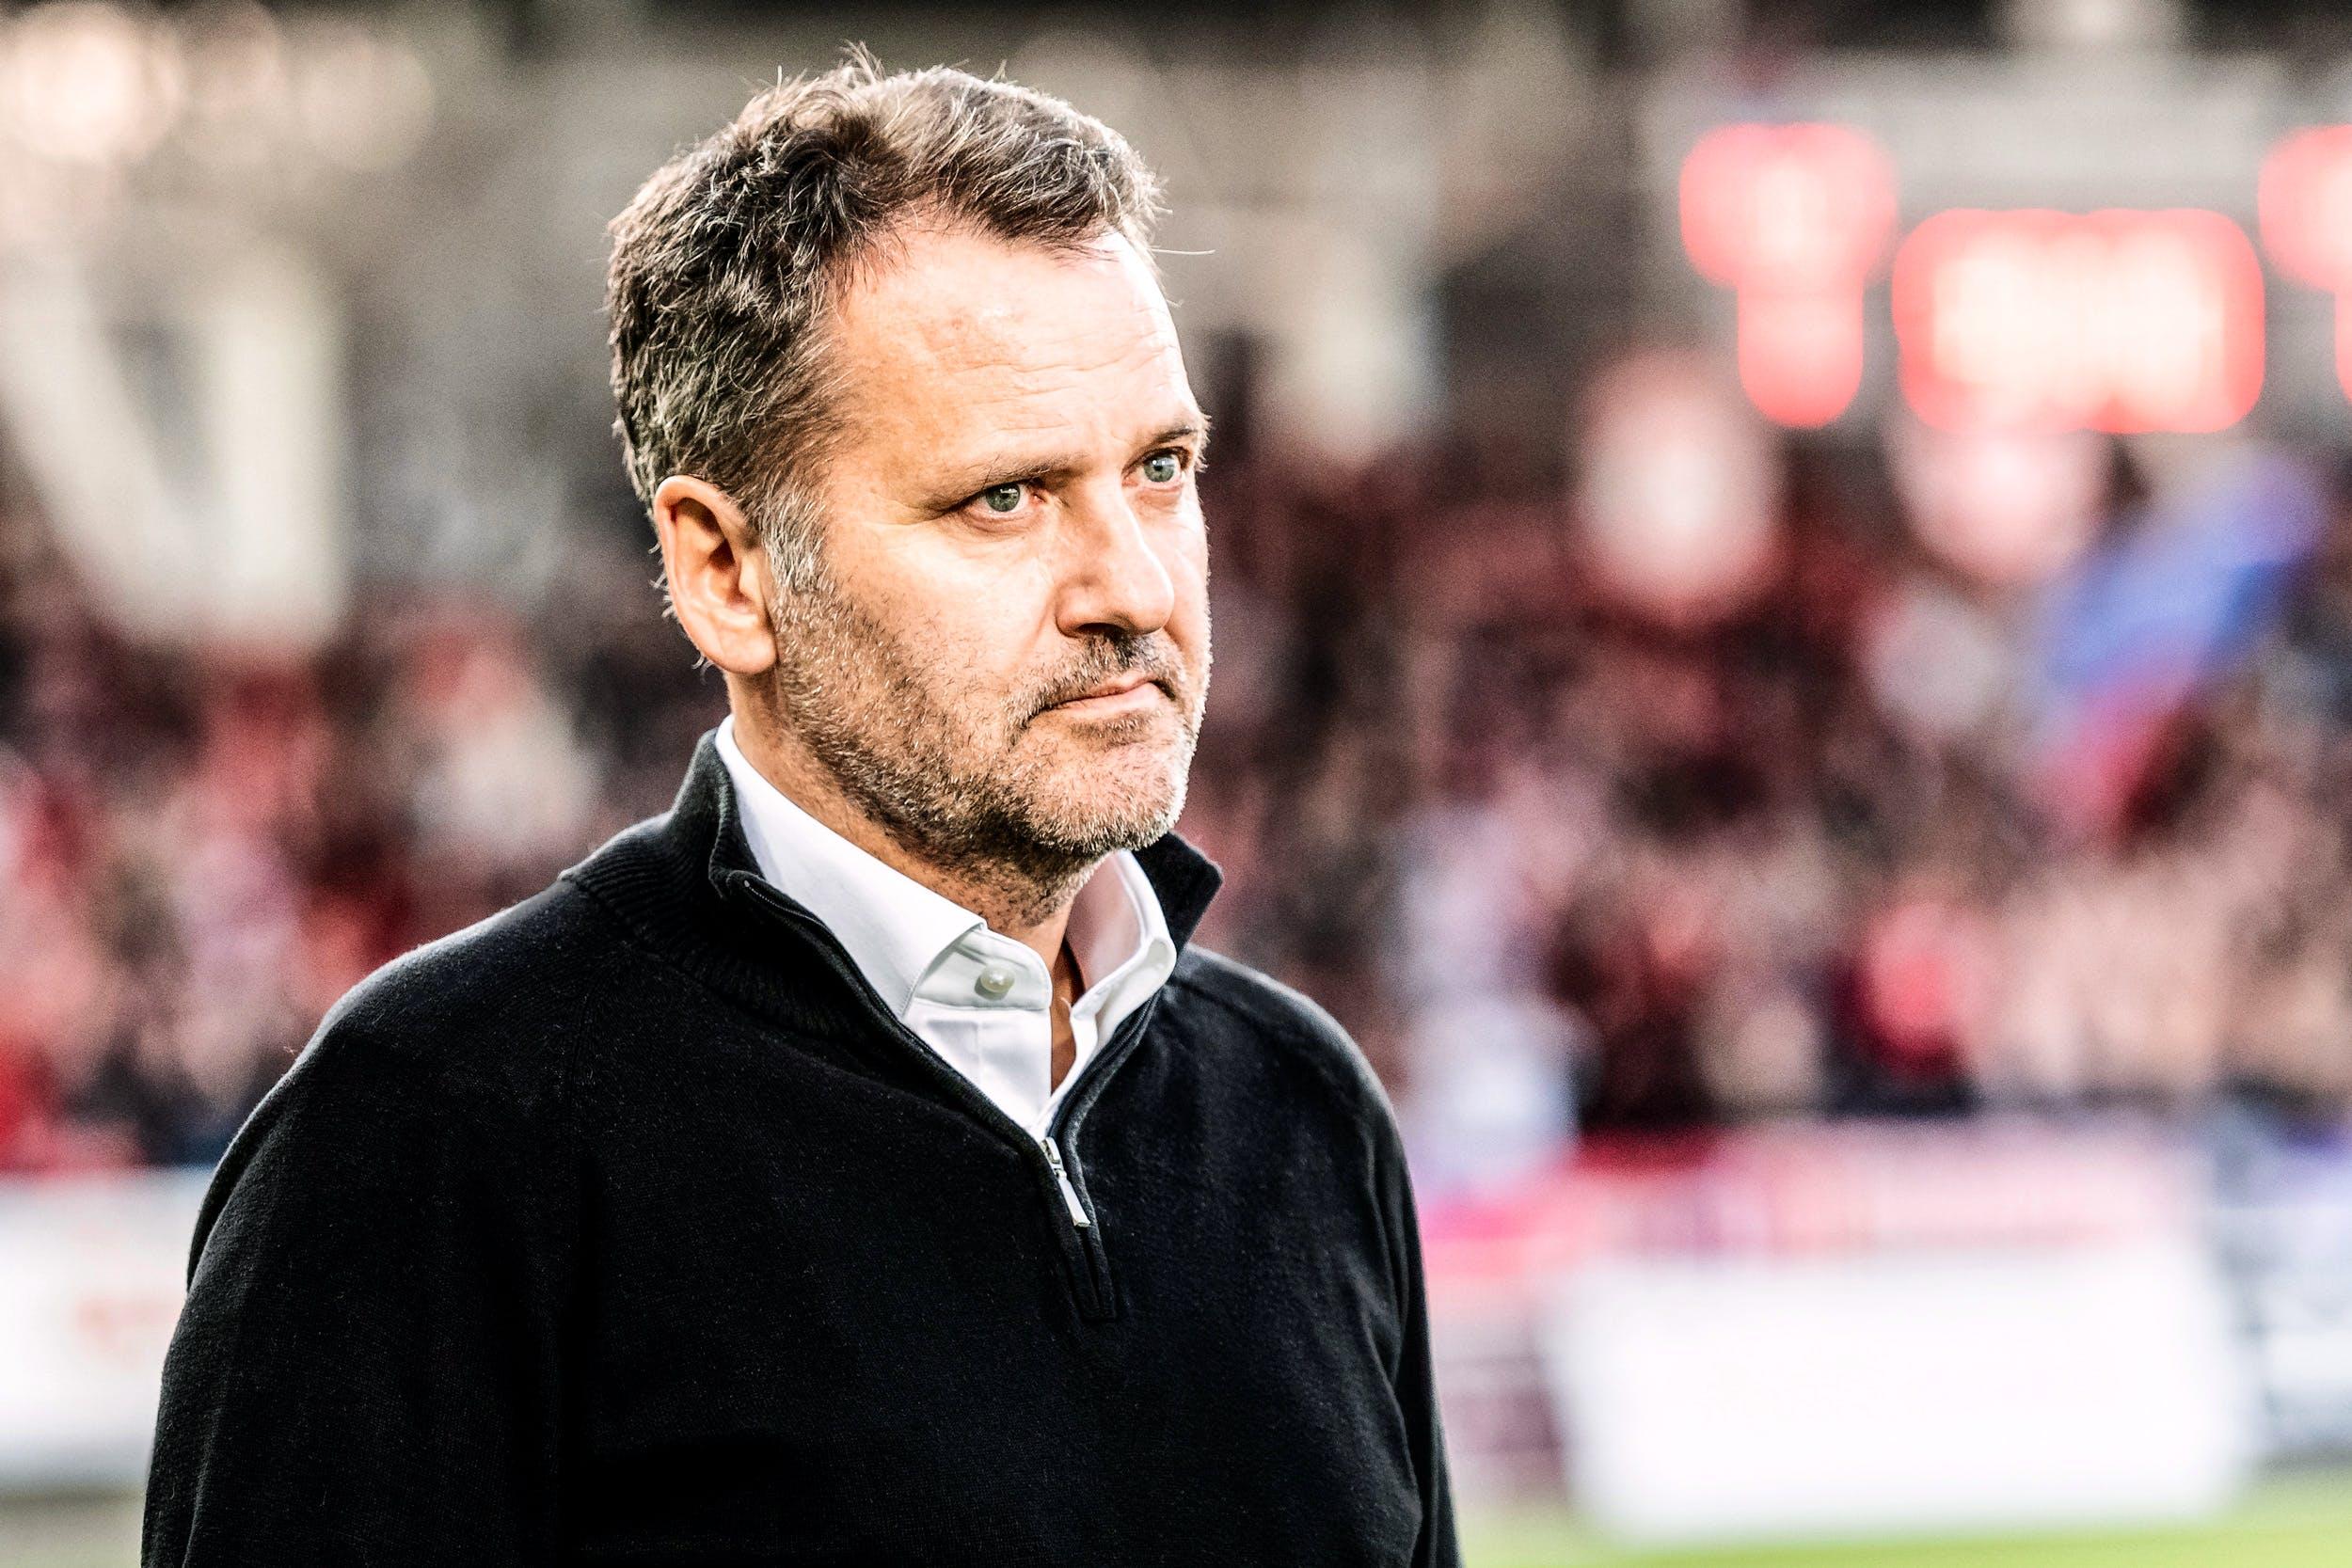 Tor Thodesen to continue as head coach